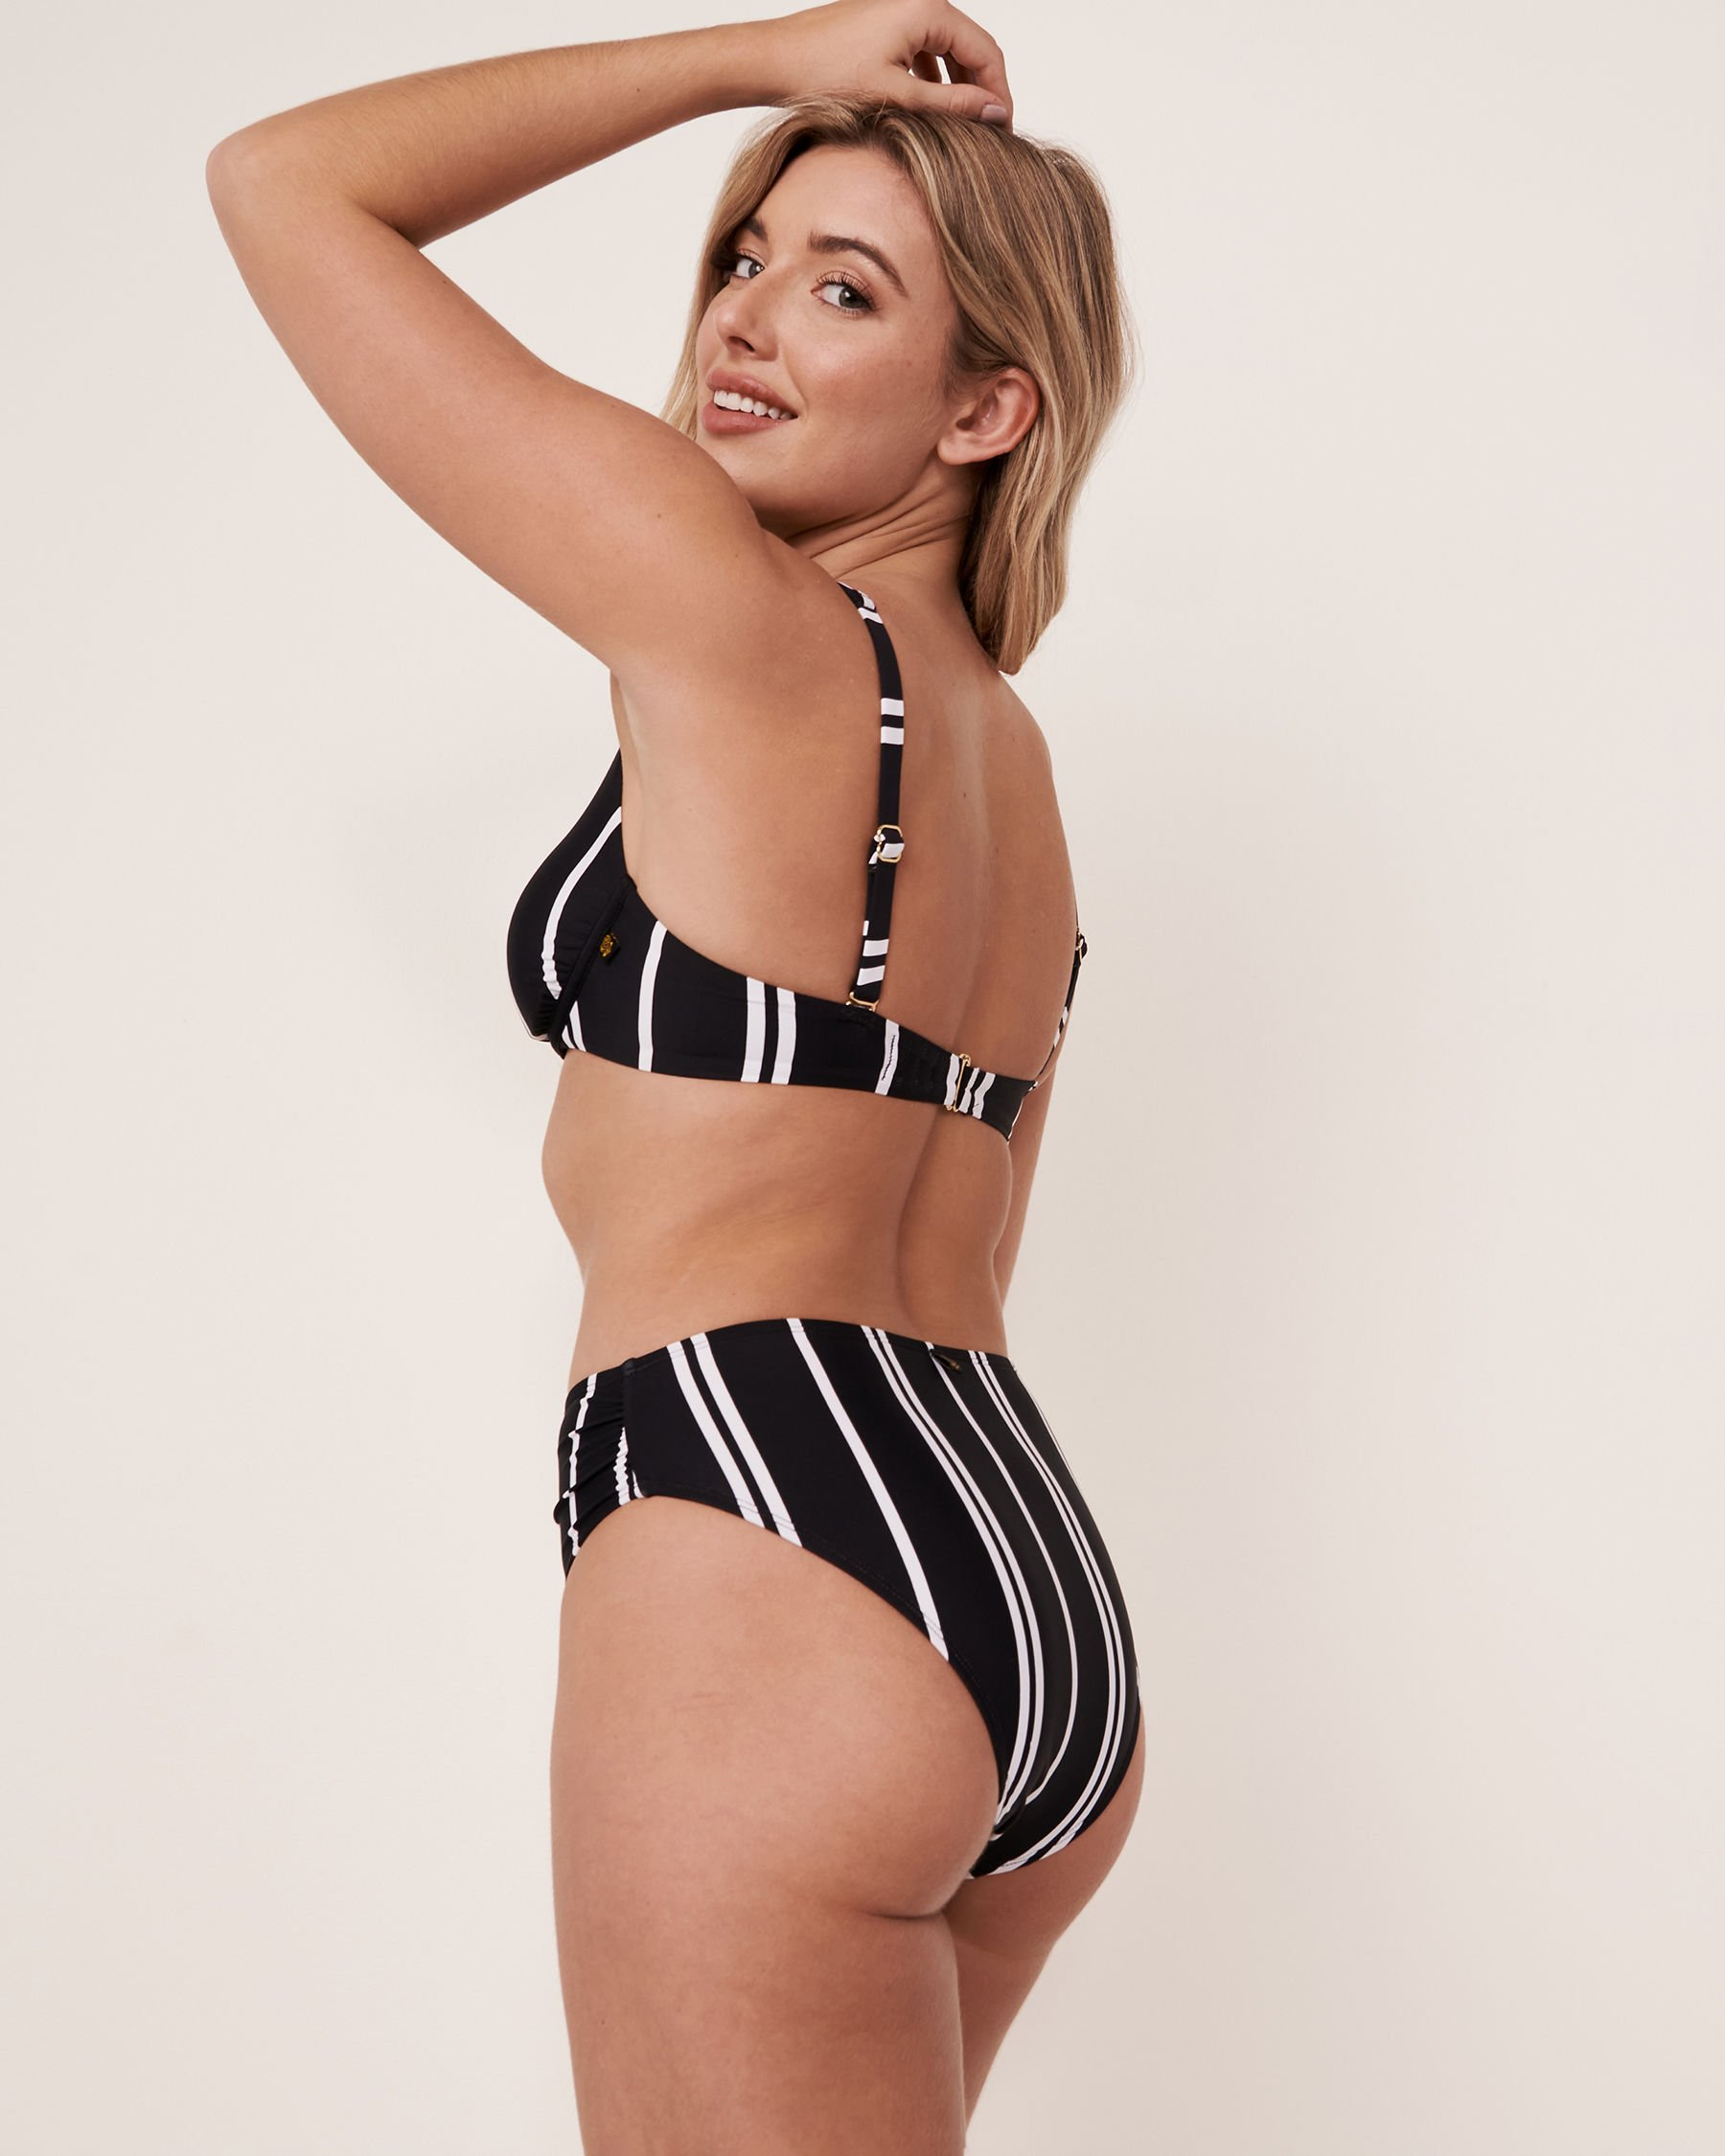 LA VIE EN ROSE AQUA Haut de bikini triangle plongeant ICON Rayures blanches et noires 70100082 - Voir2